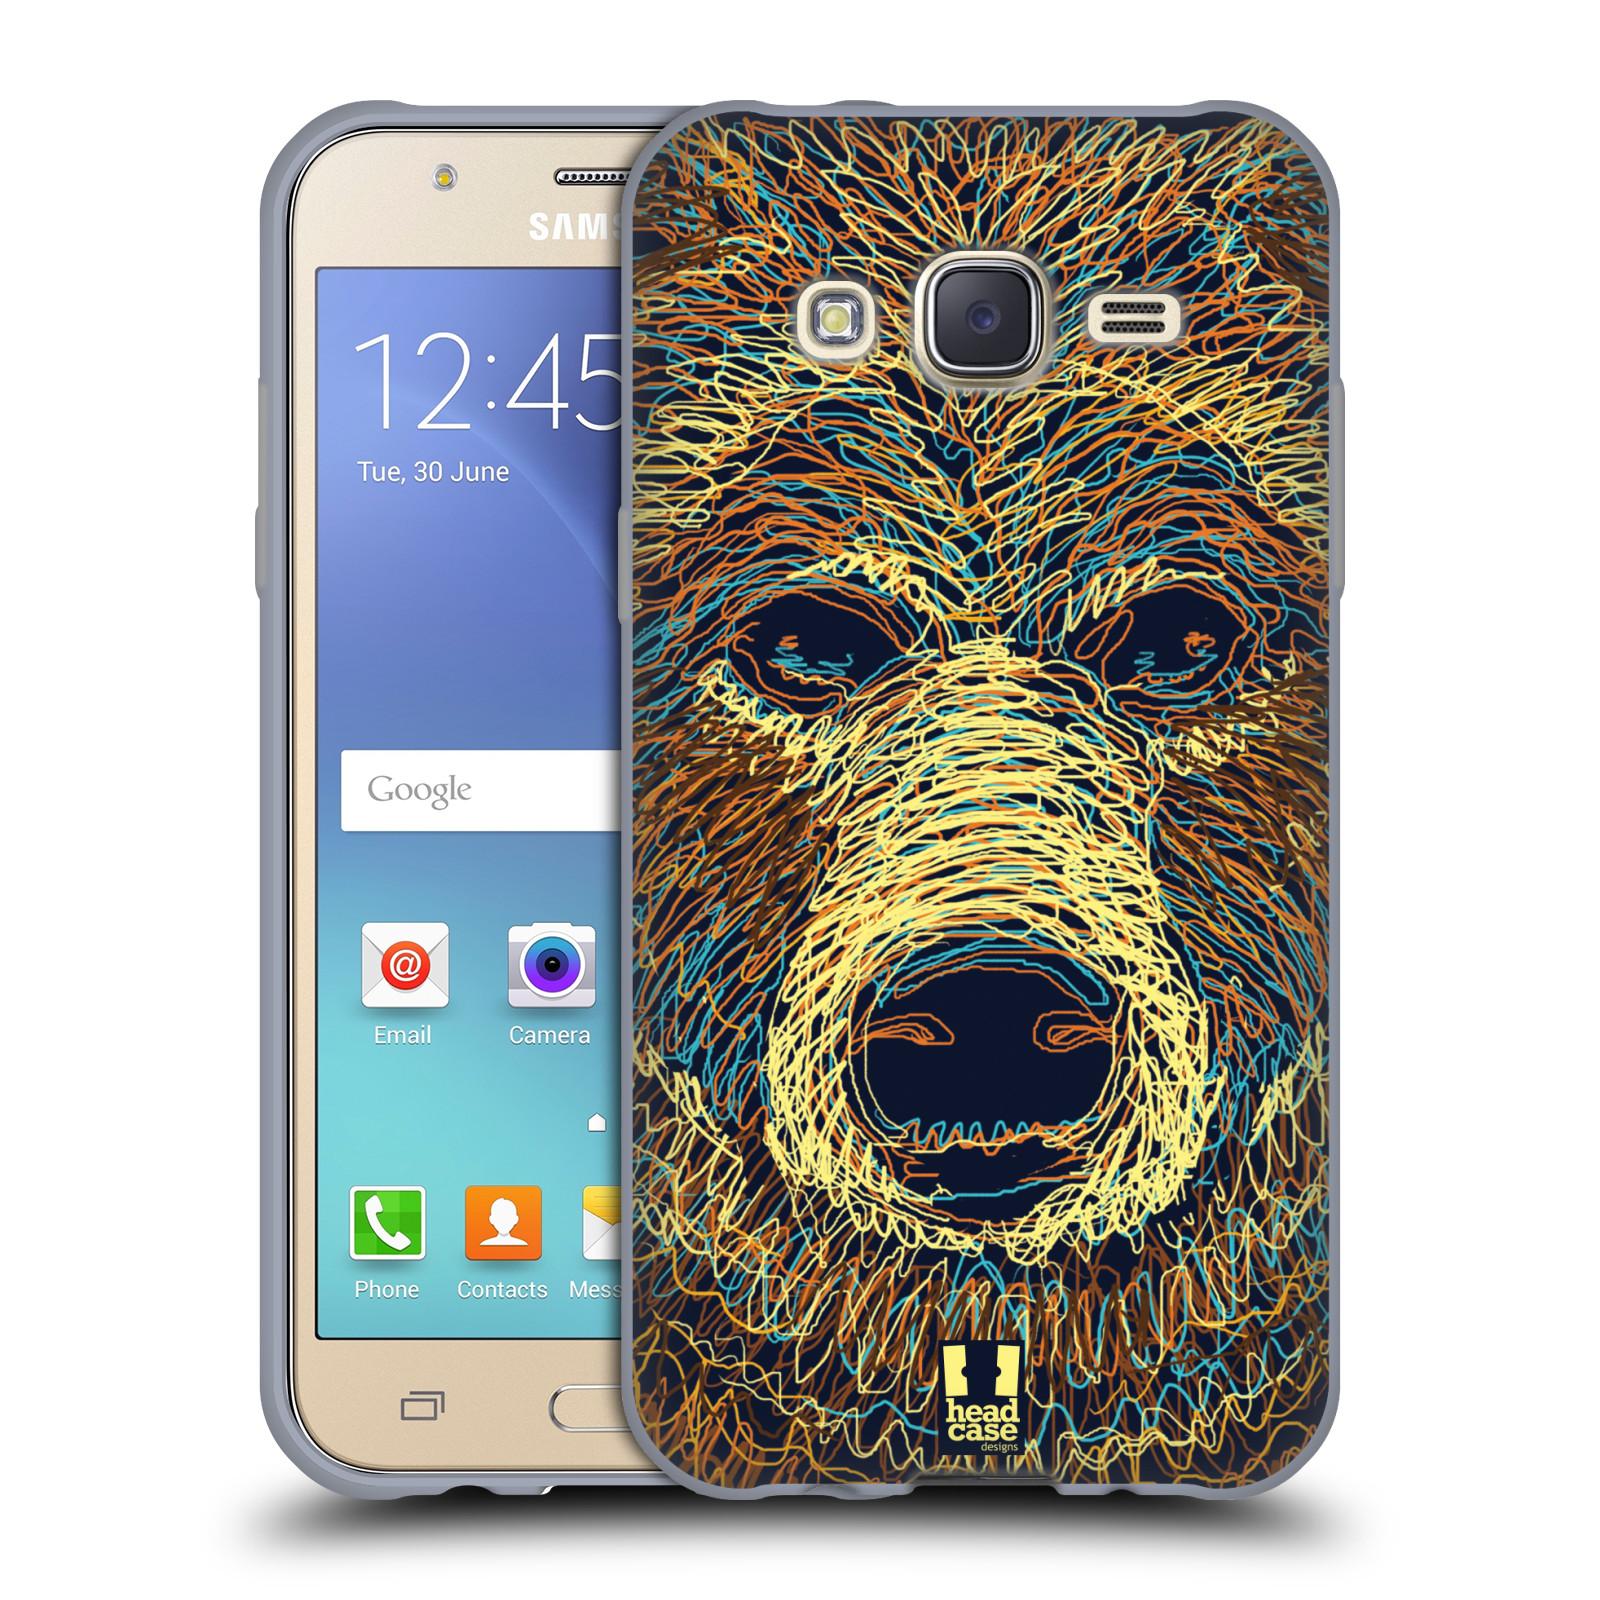 HEAD CASE silikonový obal na mobil Samsung Galaxy J5, J500, (J5 DUOS) vzor zvíře čmáranice medvěd